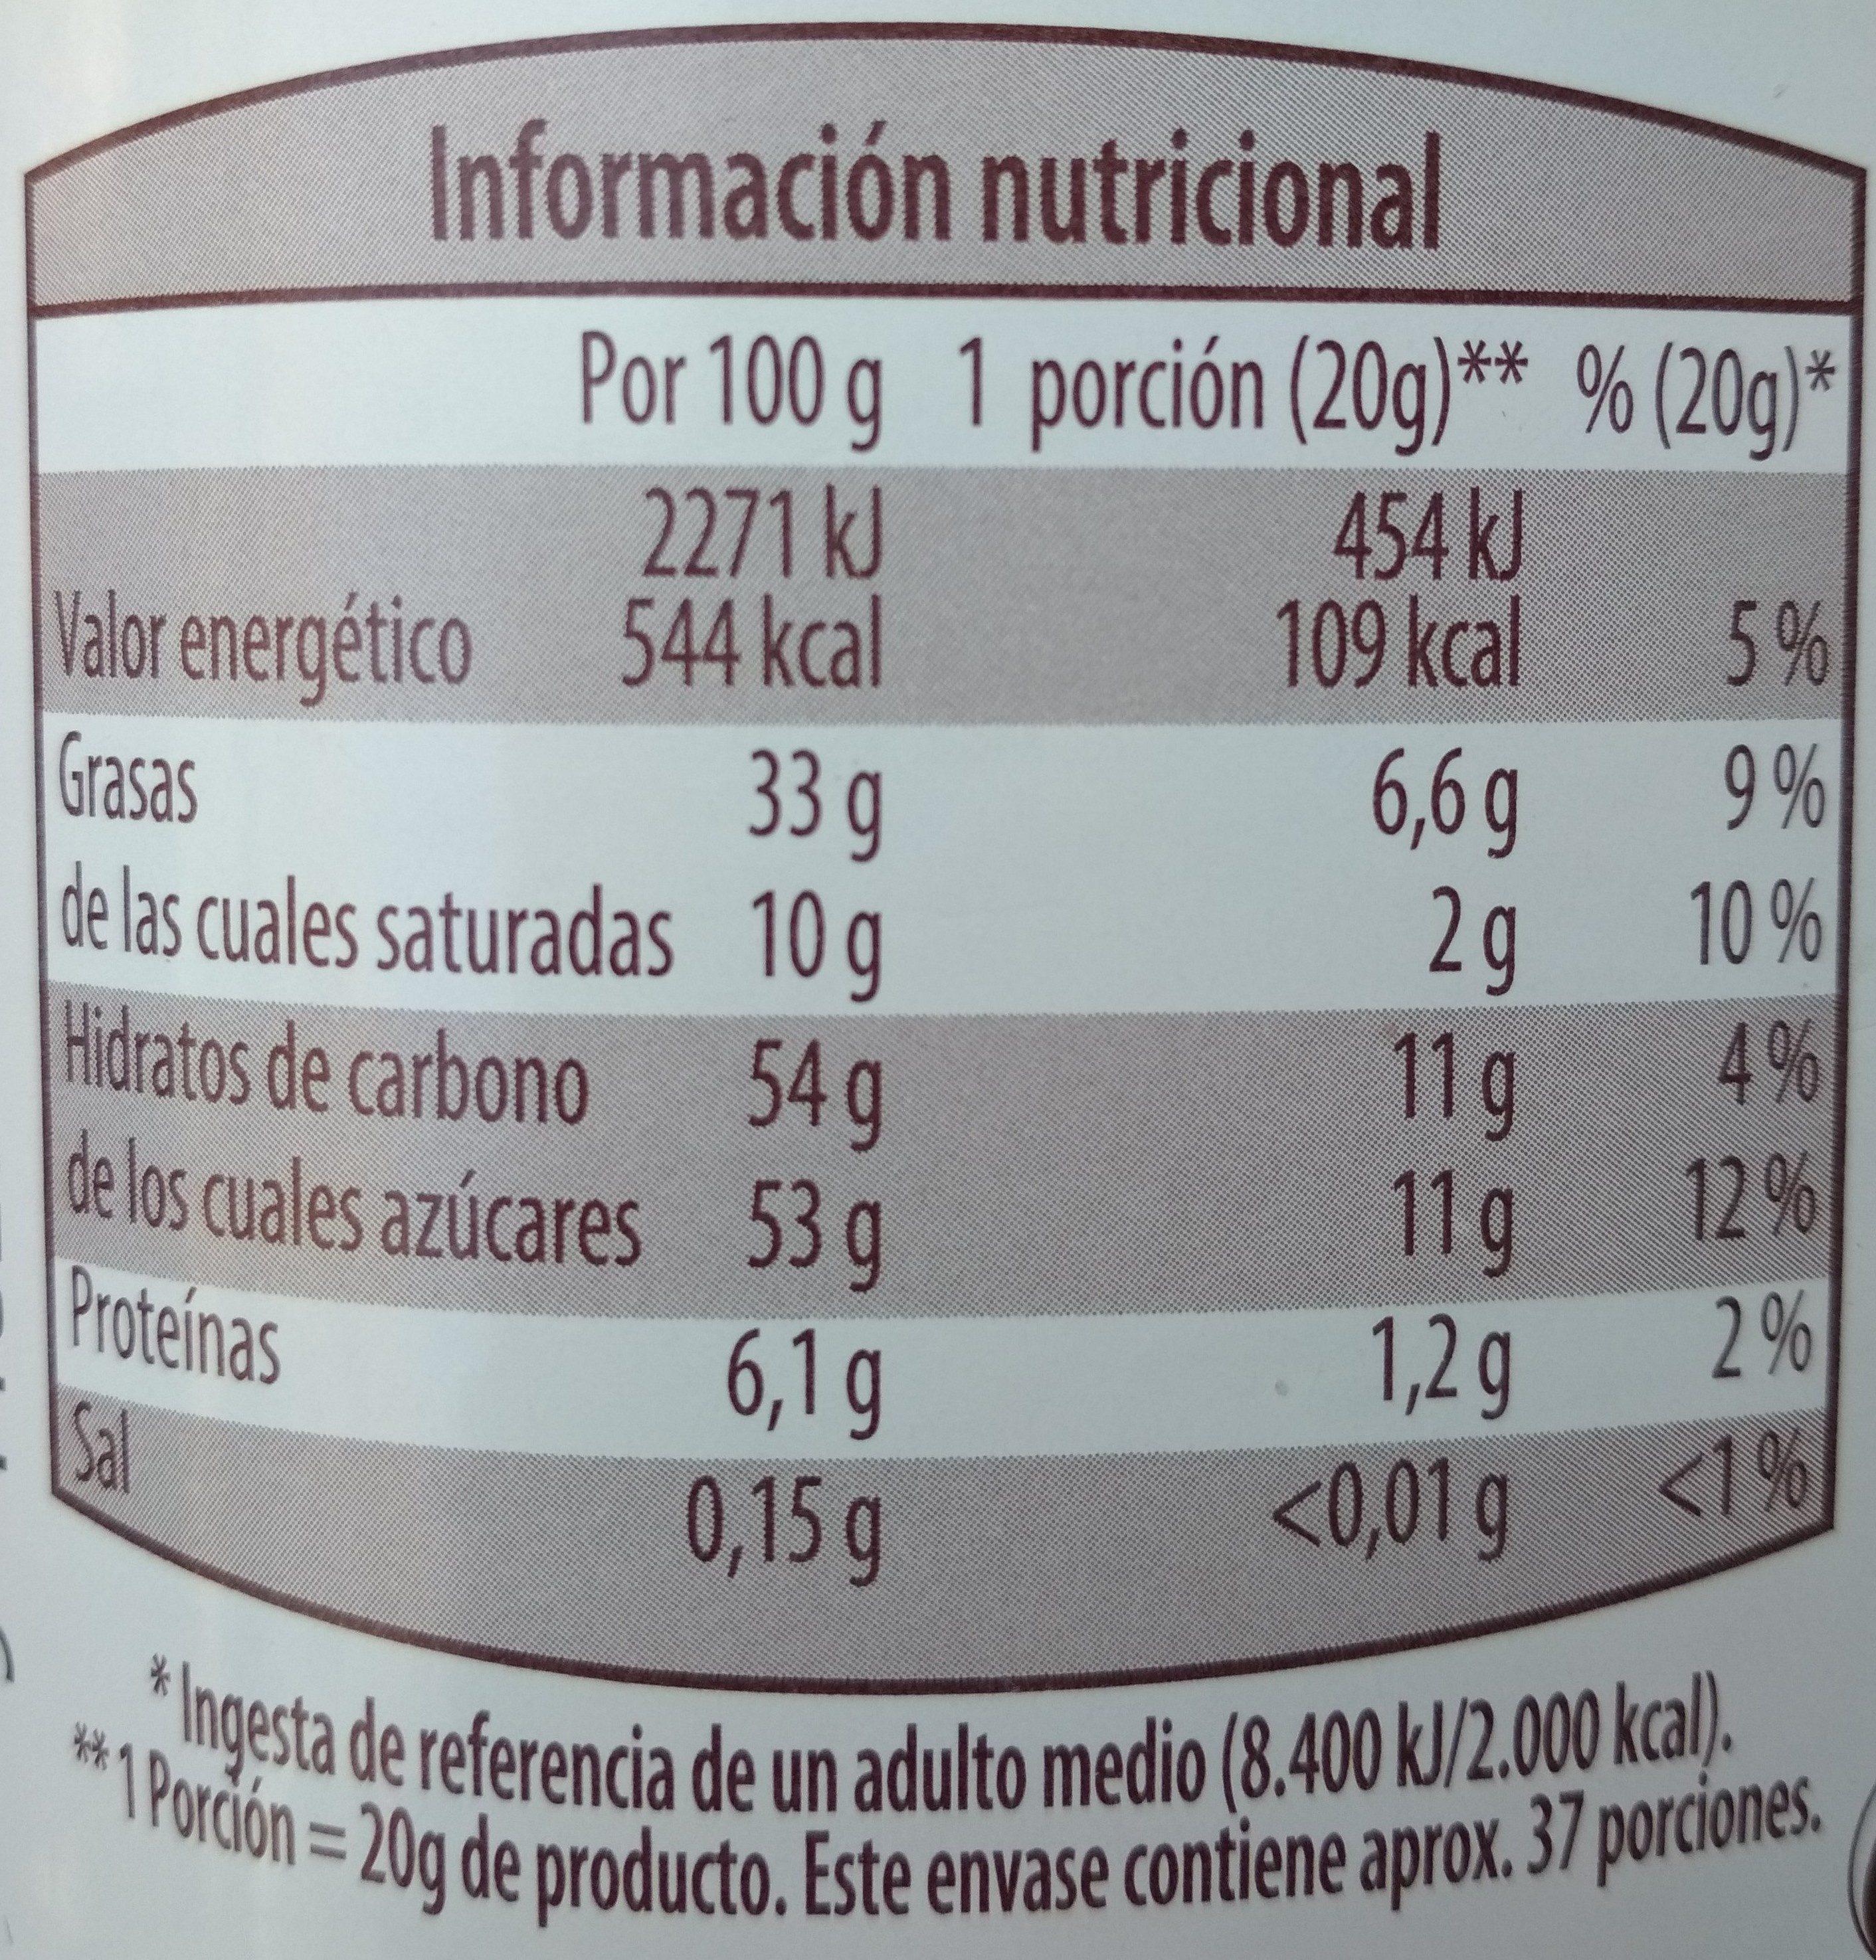 Crema de cacao y avellanas - Información nutricional - es